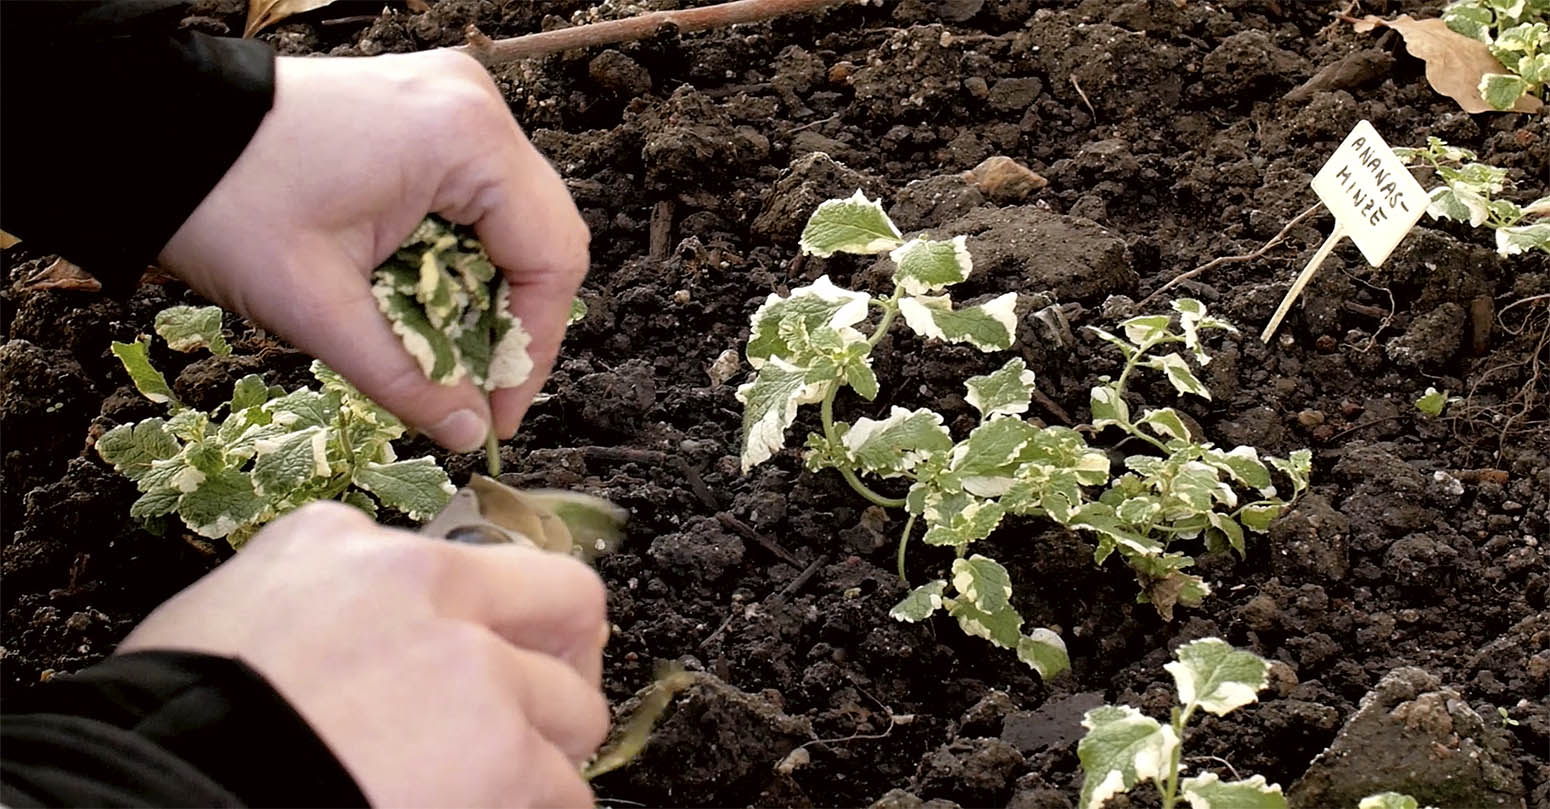 Hände beim Einpflanzen kleiner Minzepflanzen in frische Erde